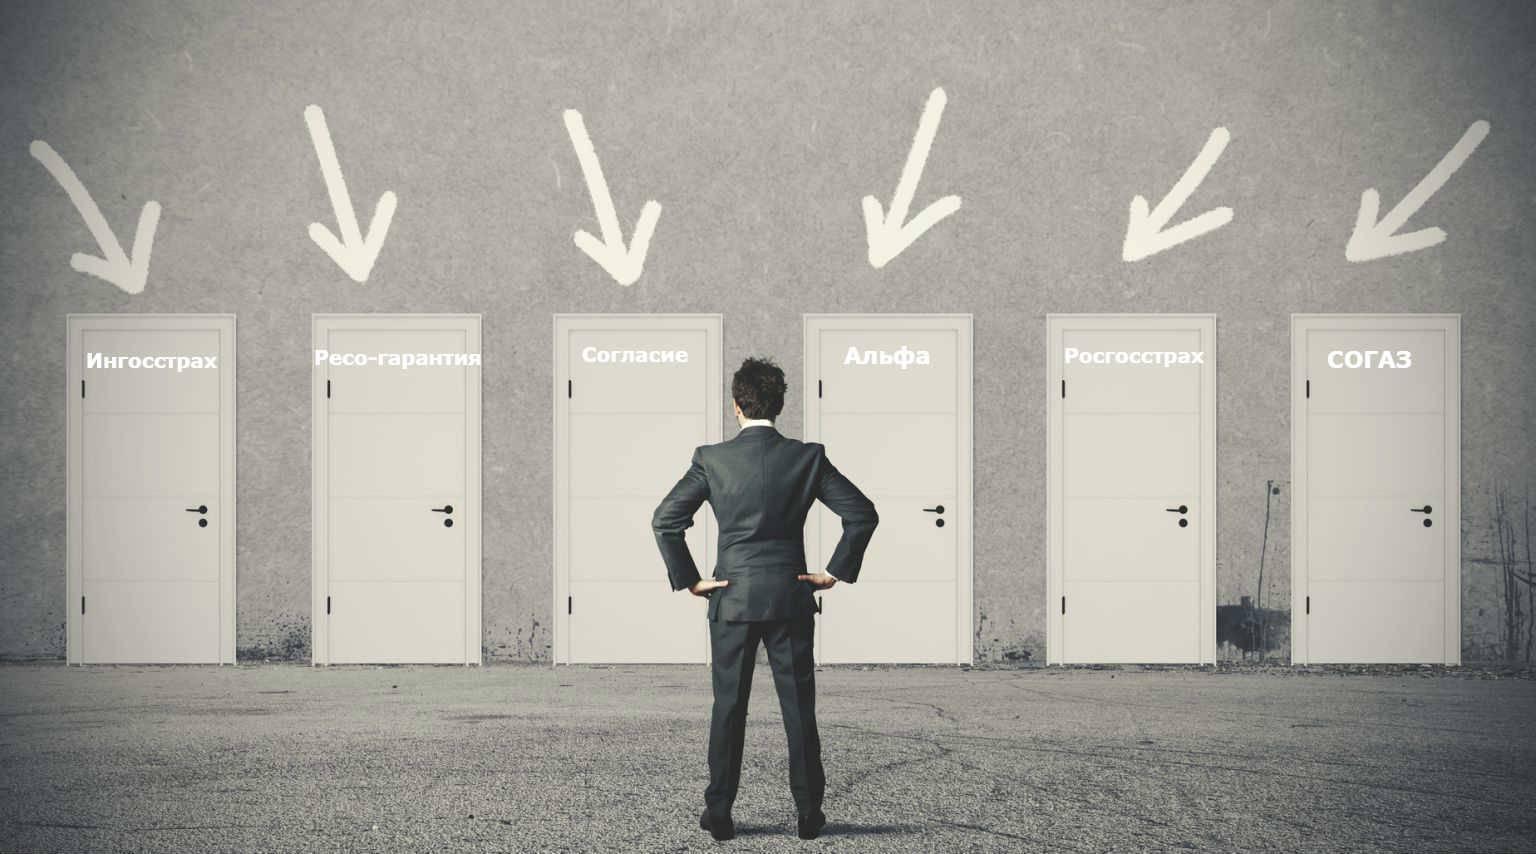 Как правильно выбрать КАСКО | Какая страховая компания лучше | Где дешево и выгодно оформить КАСКО в 2019 году